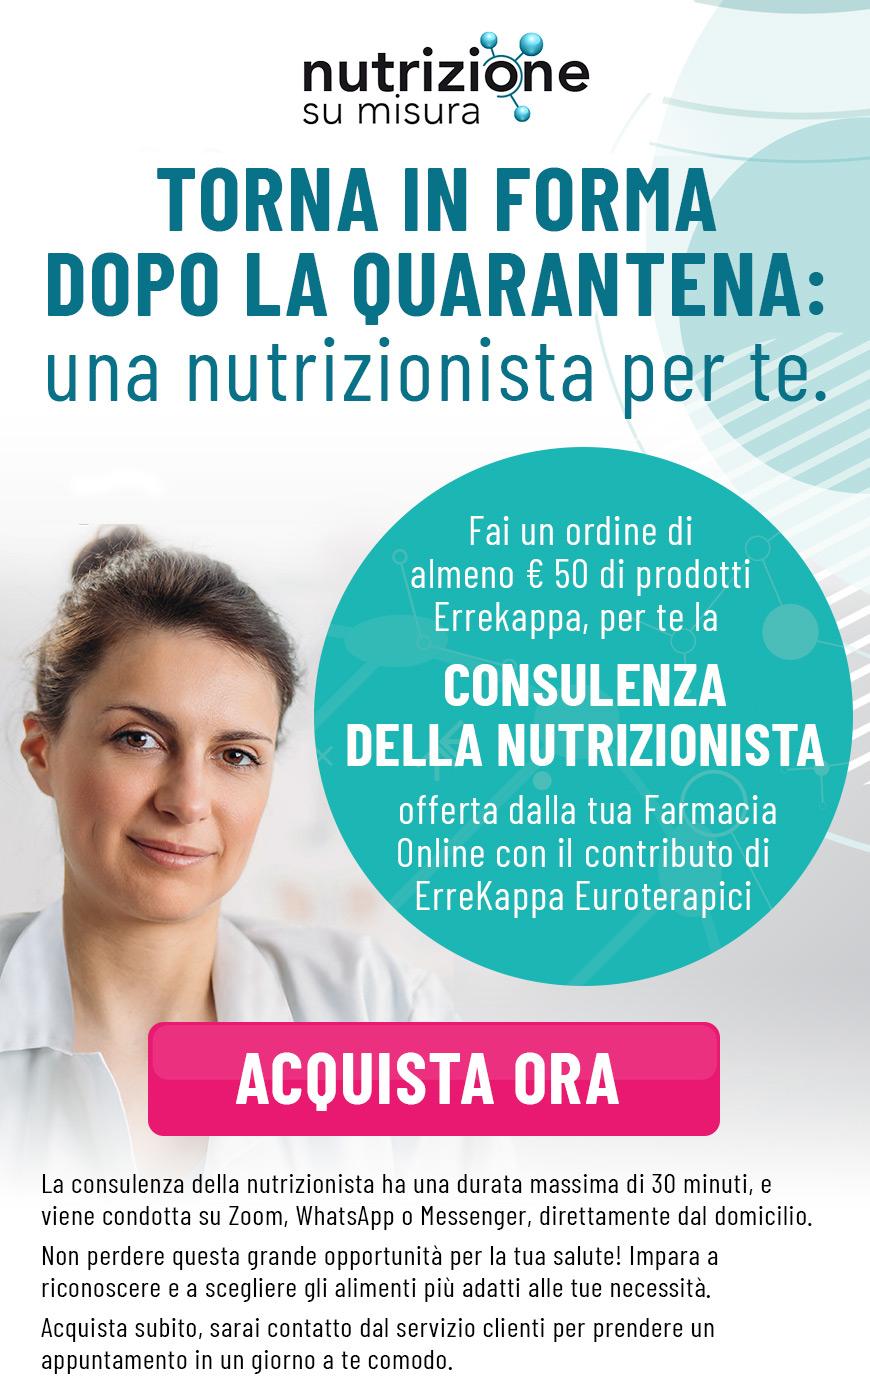 Fai un ordine di almeno €50 di prodotti Errekappa, per te la consulenza della nutrizionista